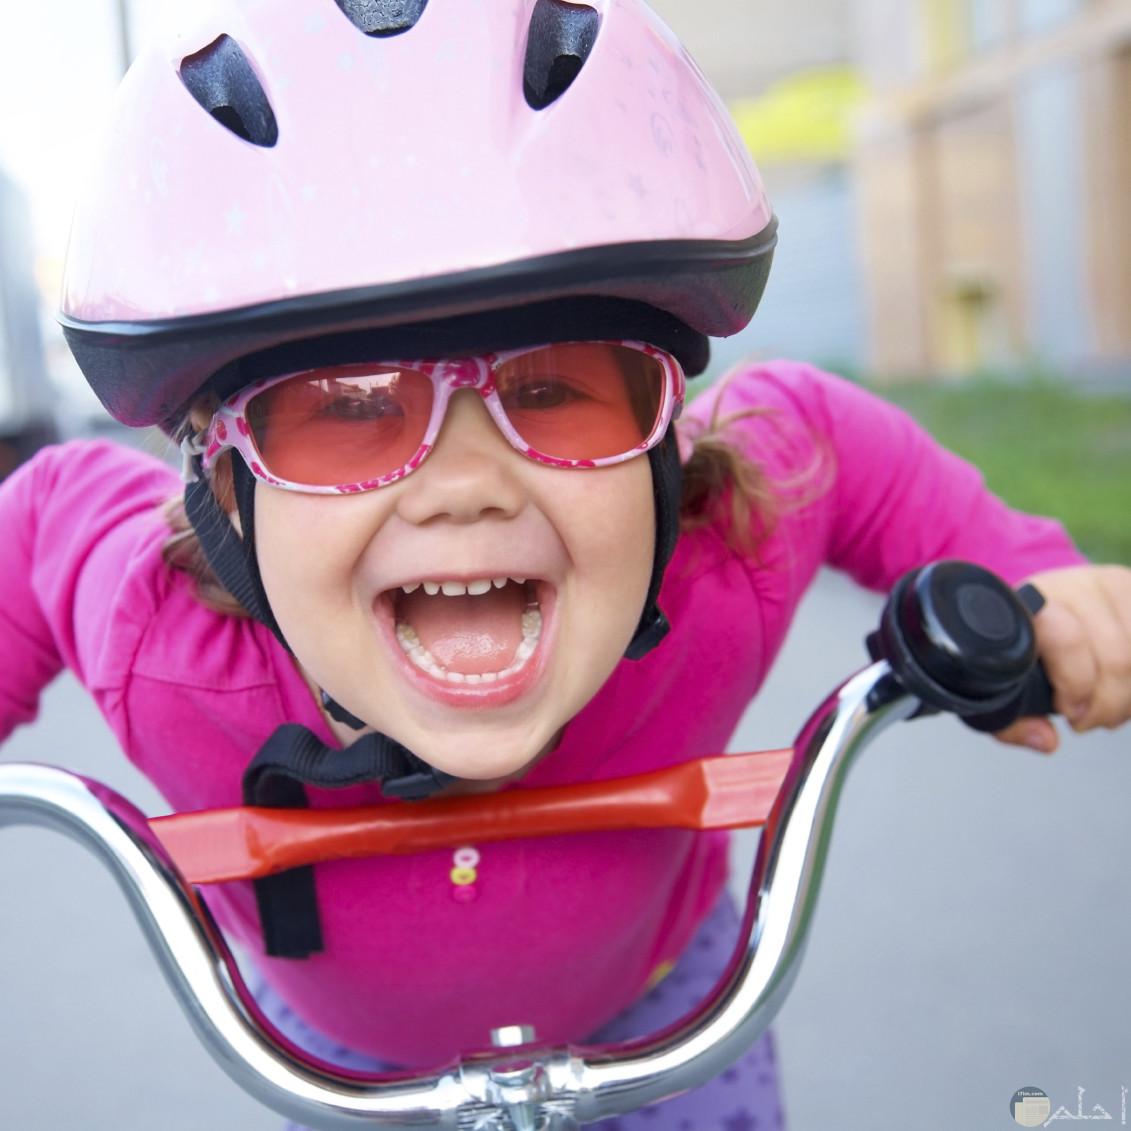 تعبير وجه بنوتة صغيرة سعيدة وهي تقود دراجة